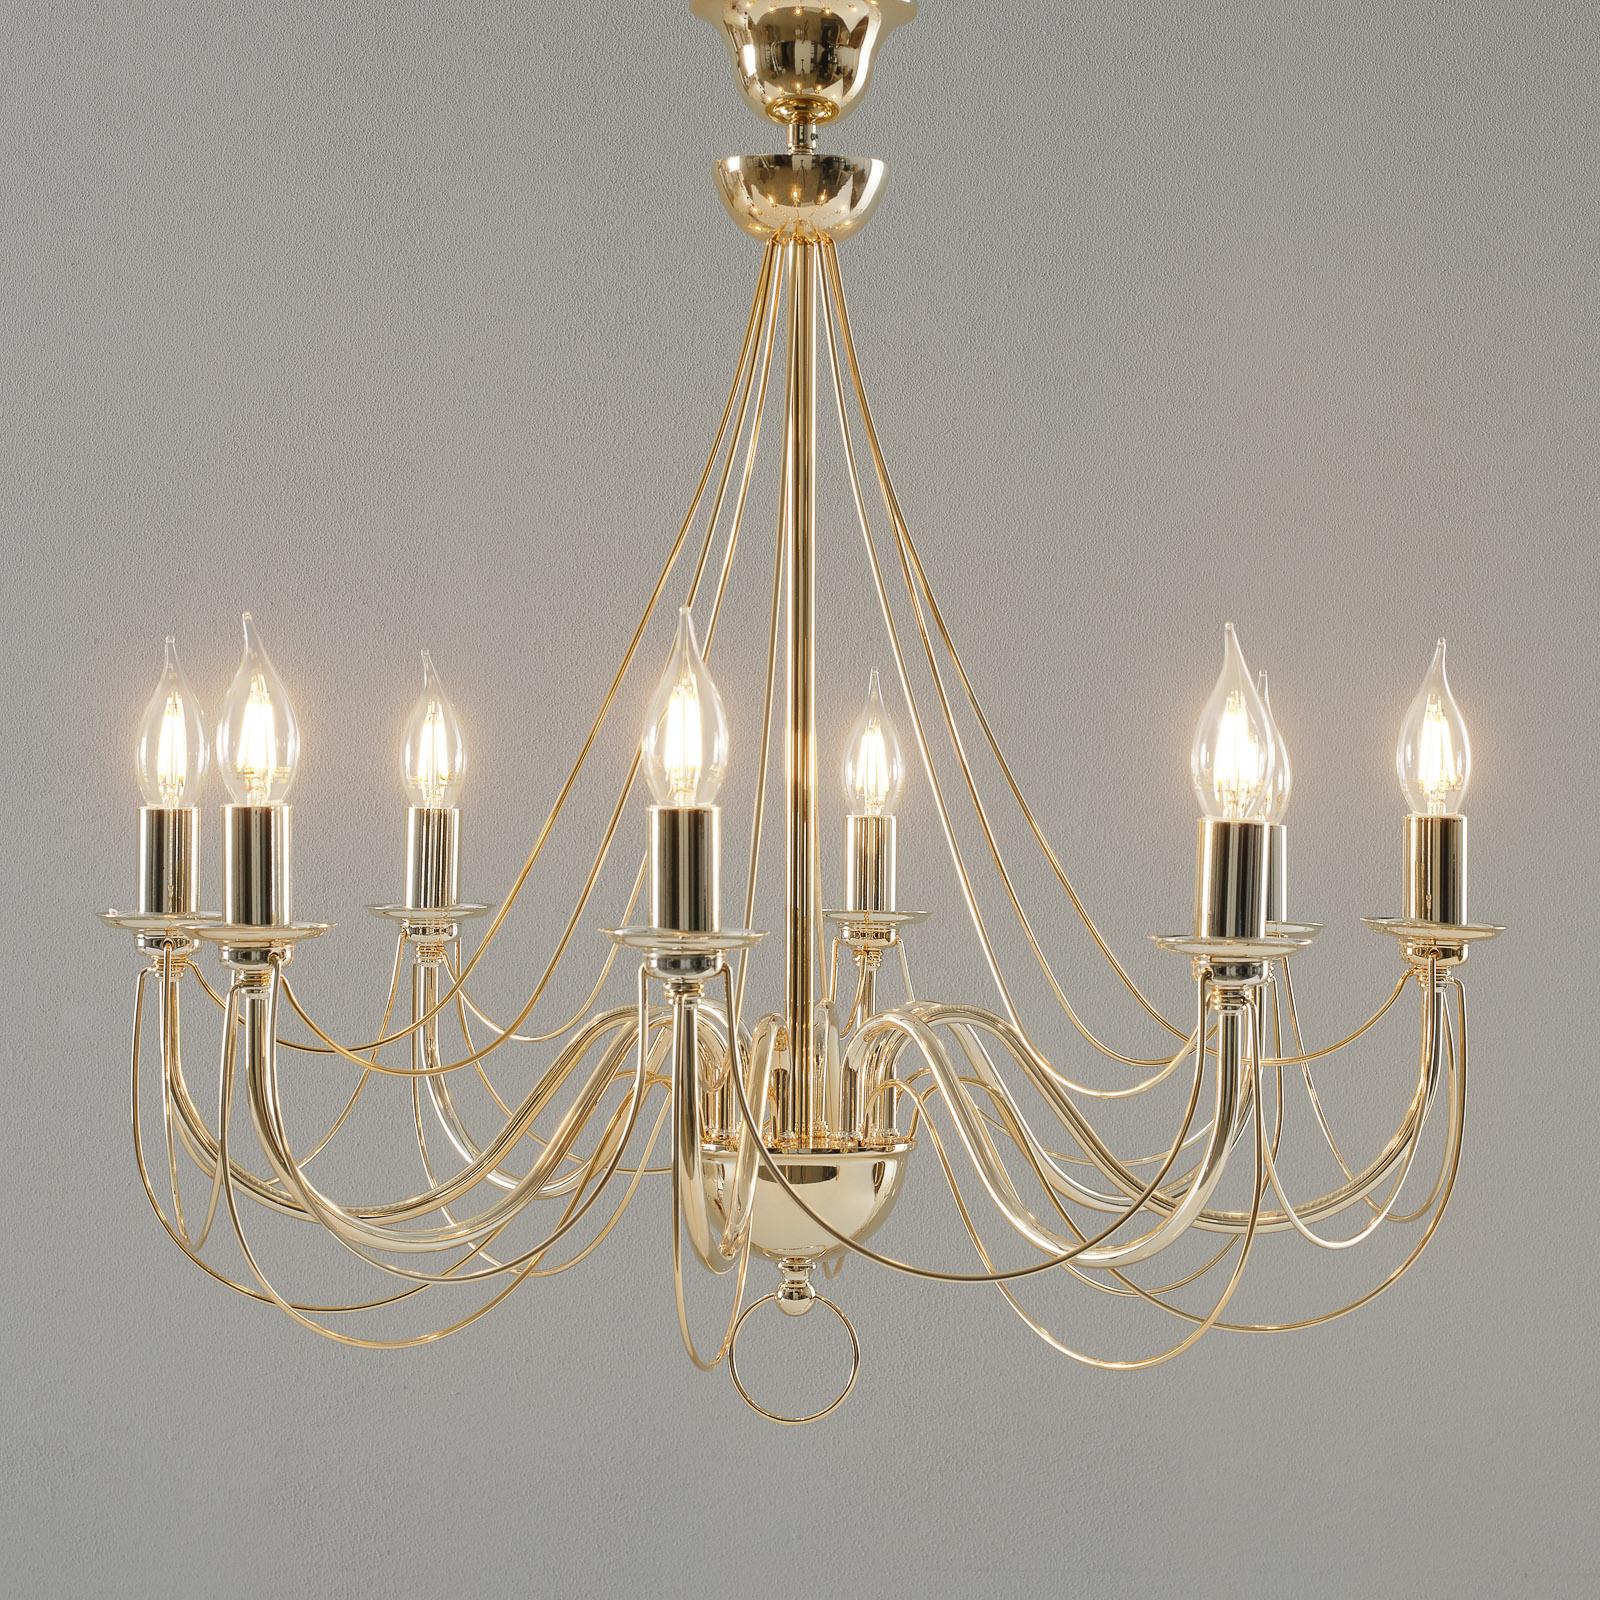 Herregård: Retro lamper til salgs